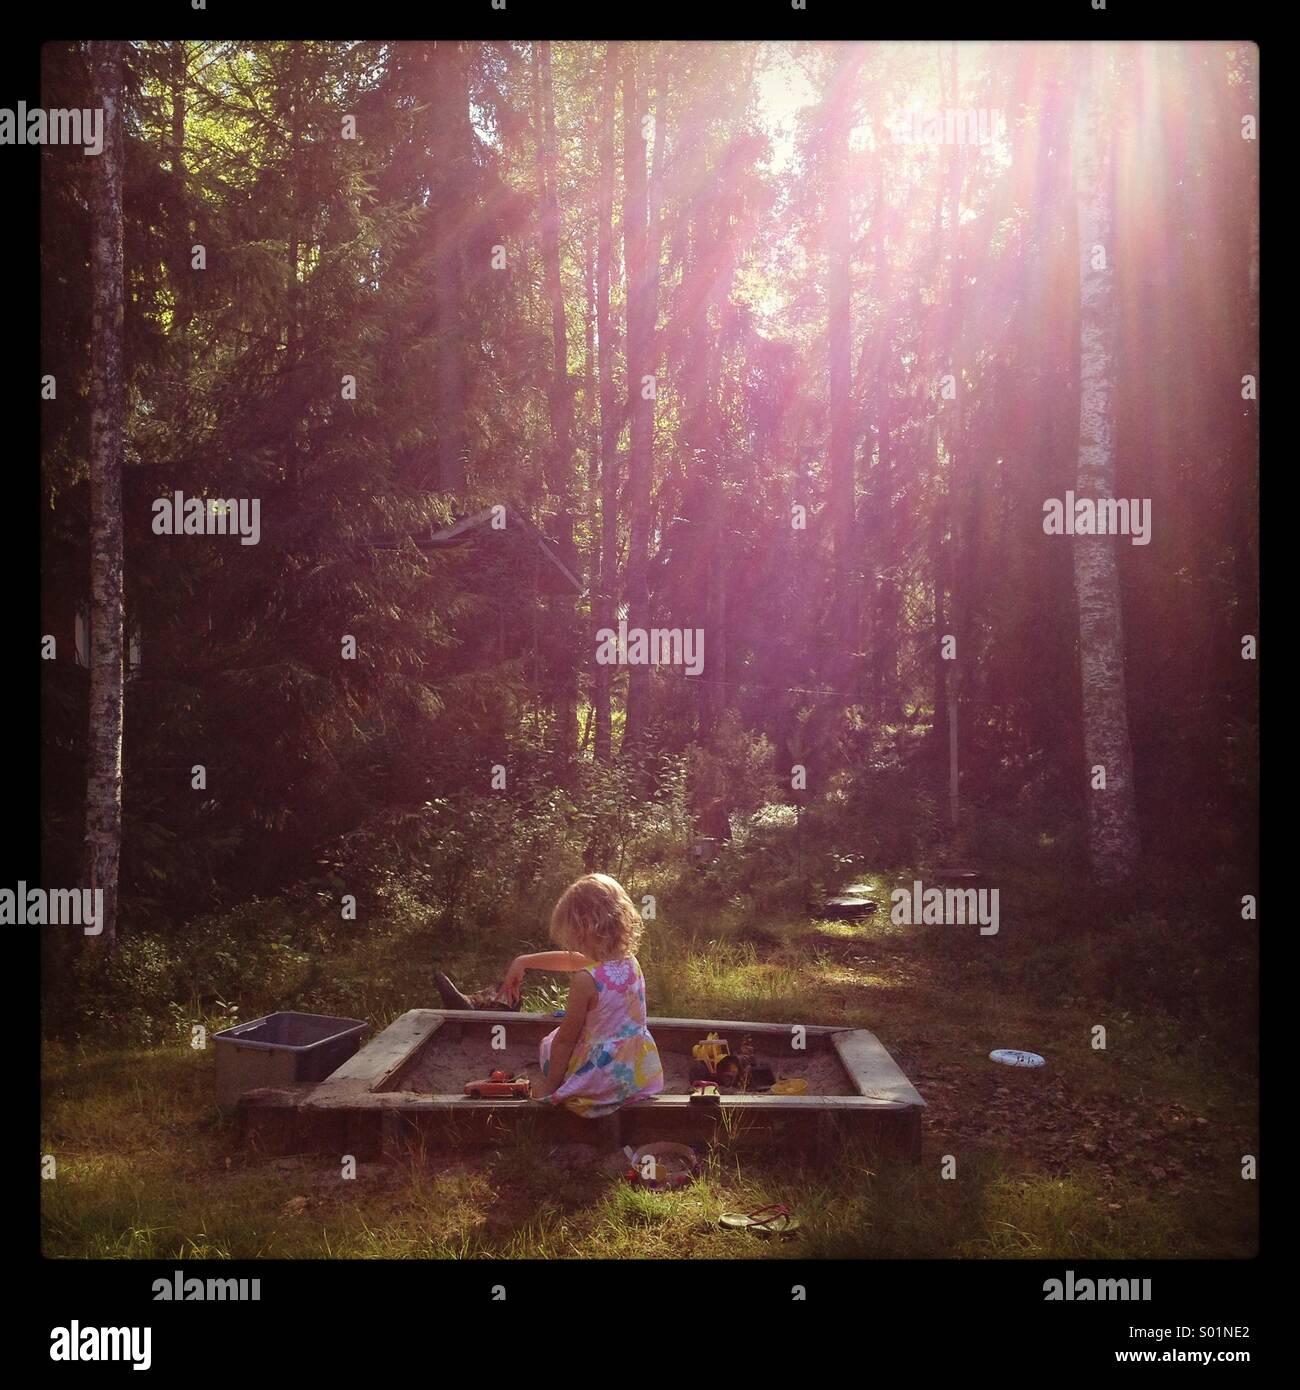 Una giovane ragazza che gioca in una sandbox in un sogno sole inzuppato forest Immagini Stock